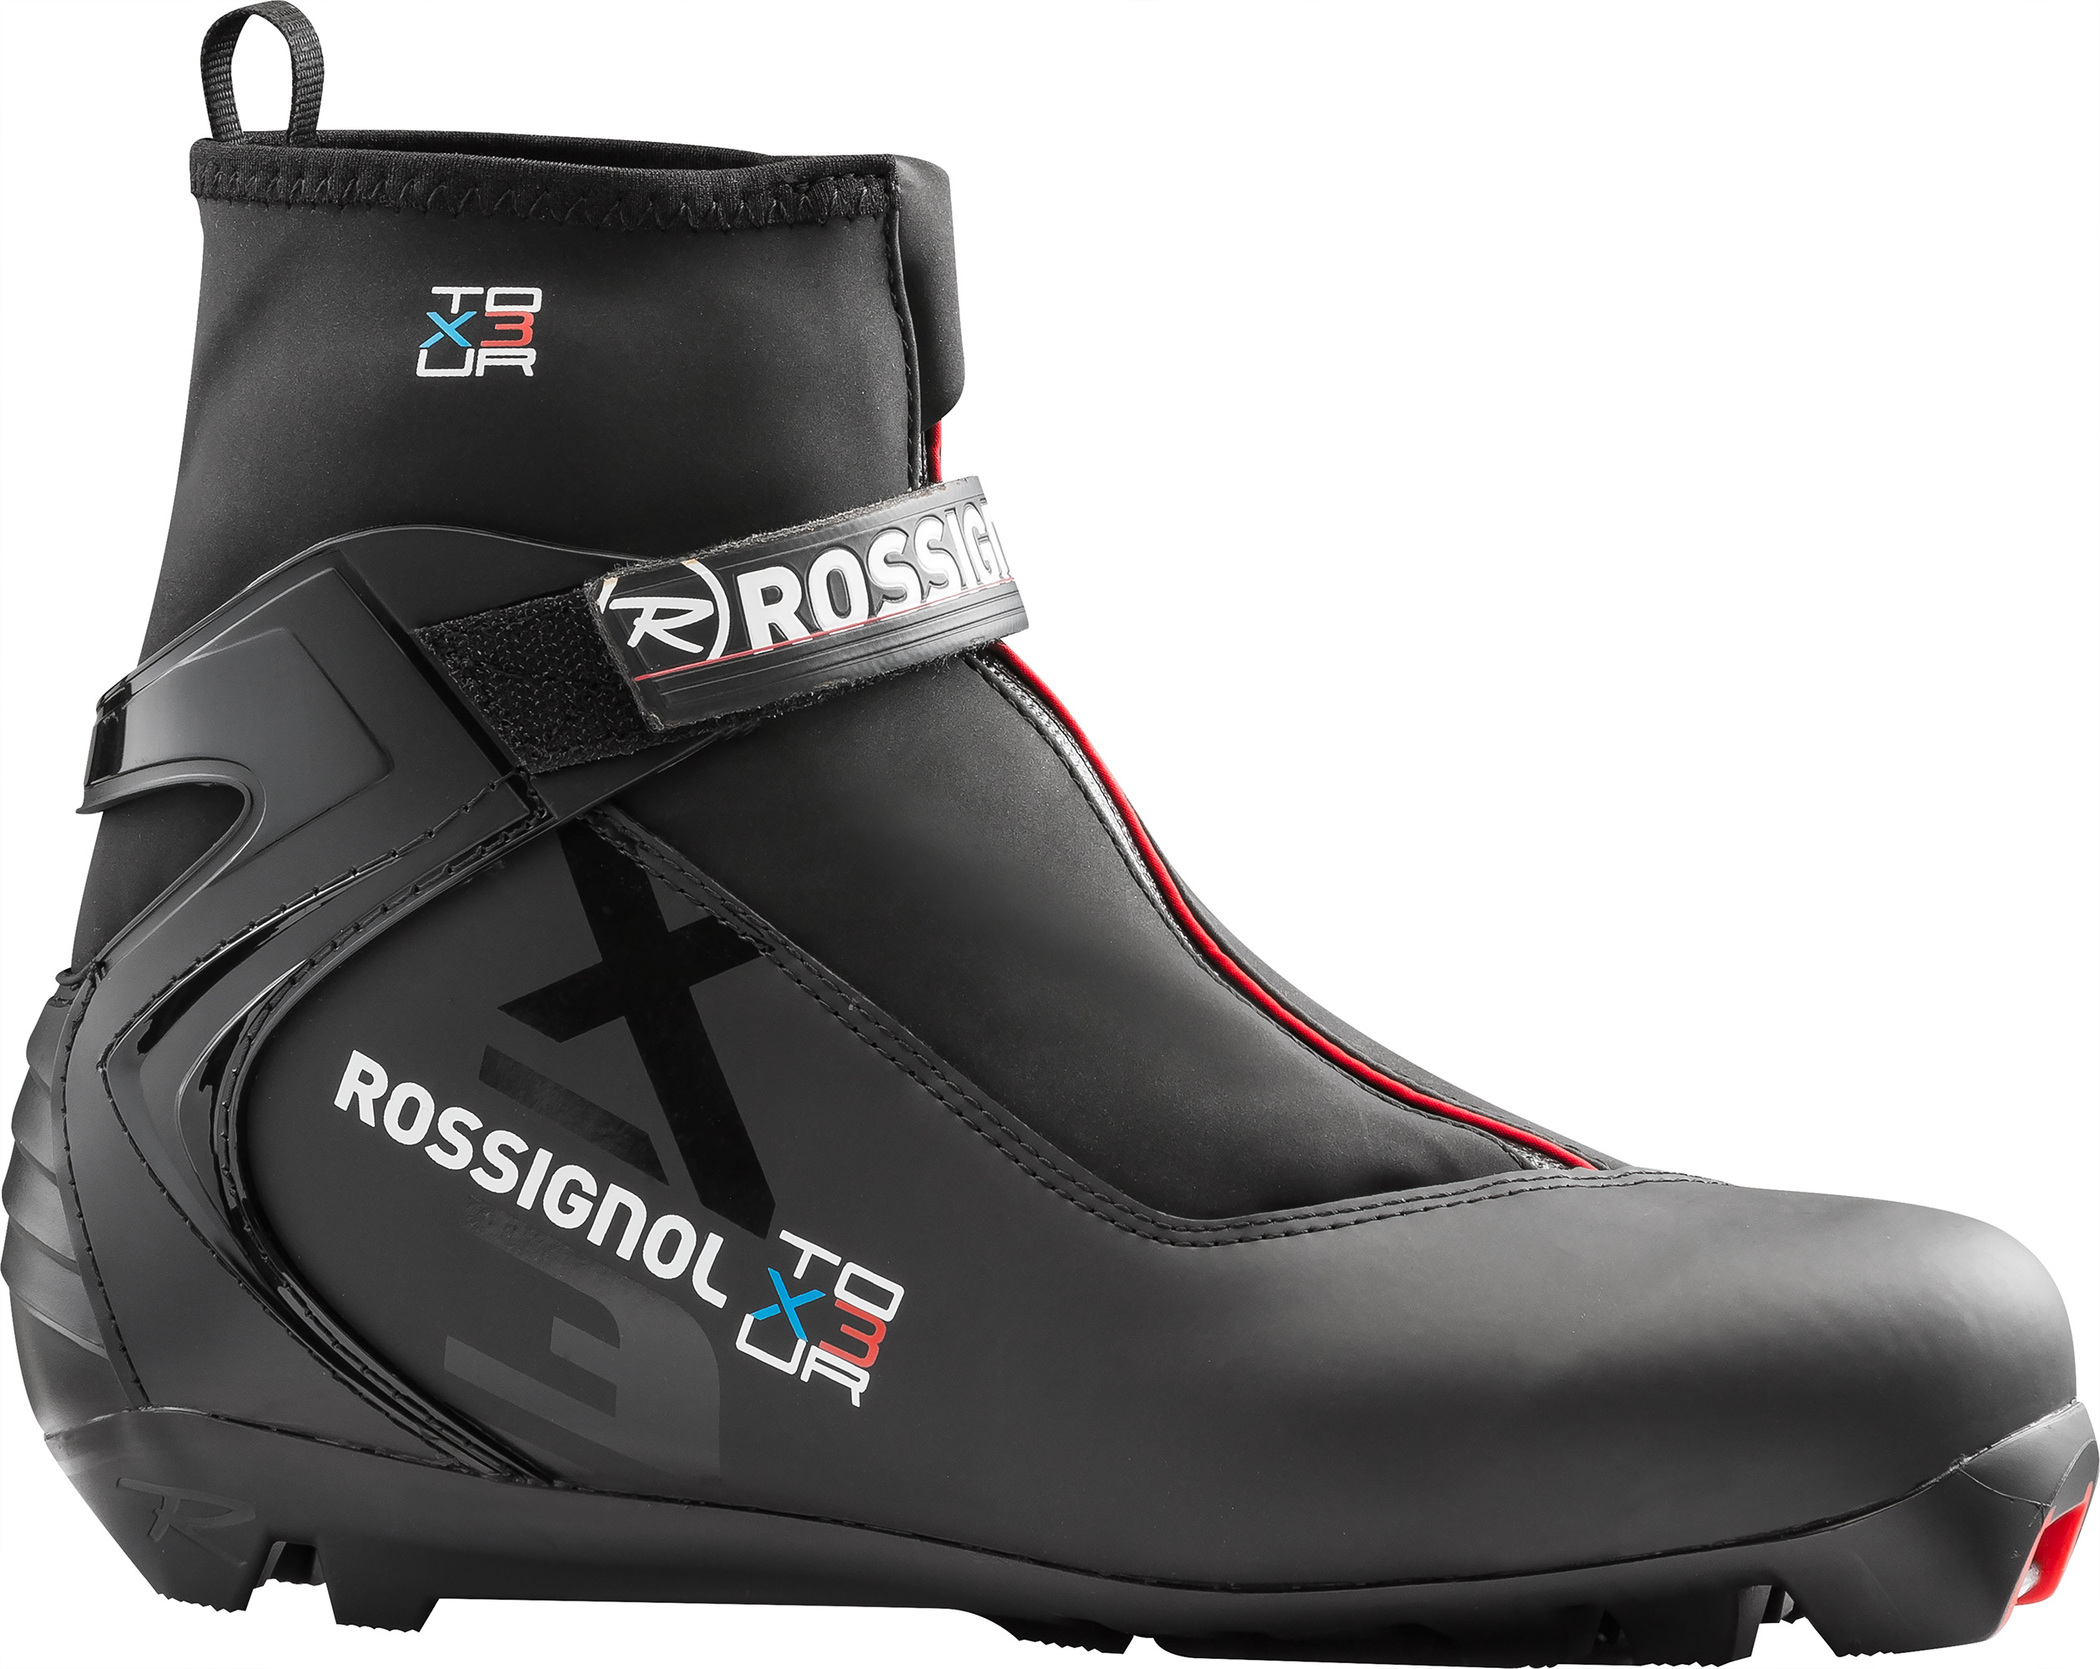 Rossignol X-3 46